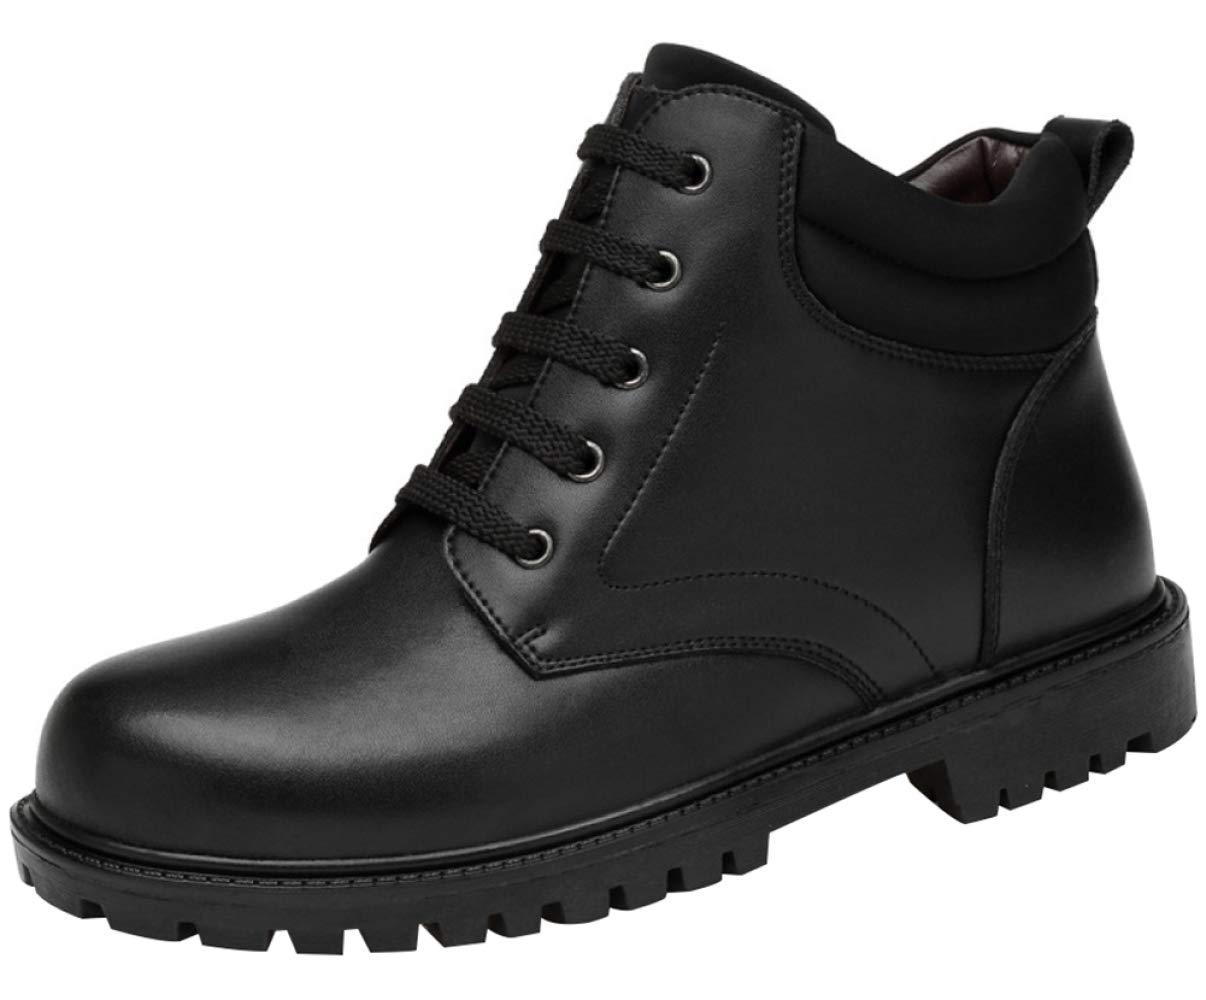 AILINSHA Stiefel Herren Outdoor Casual Stiefeletten Leder Warm Martin Stiefel Schuhe Schwarz Baumwolle Schuhe Stiefel Schneeschuhe 519e7b